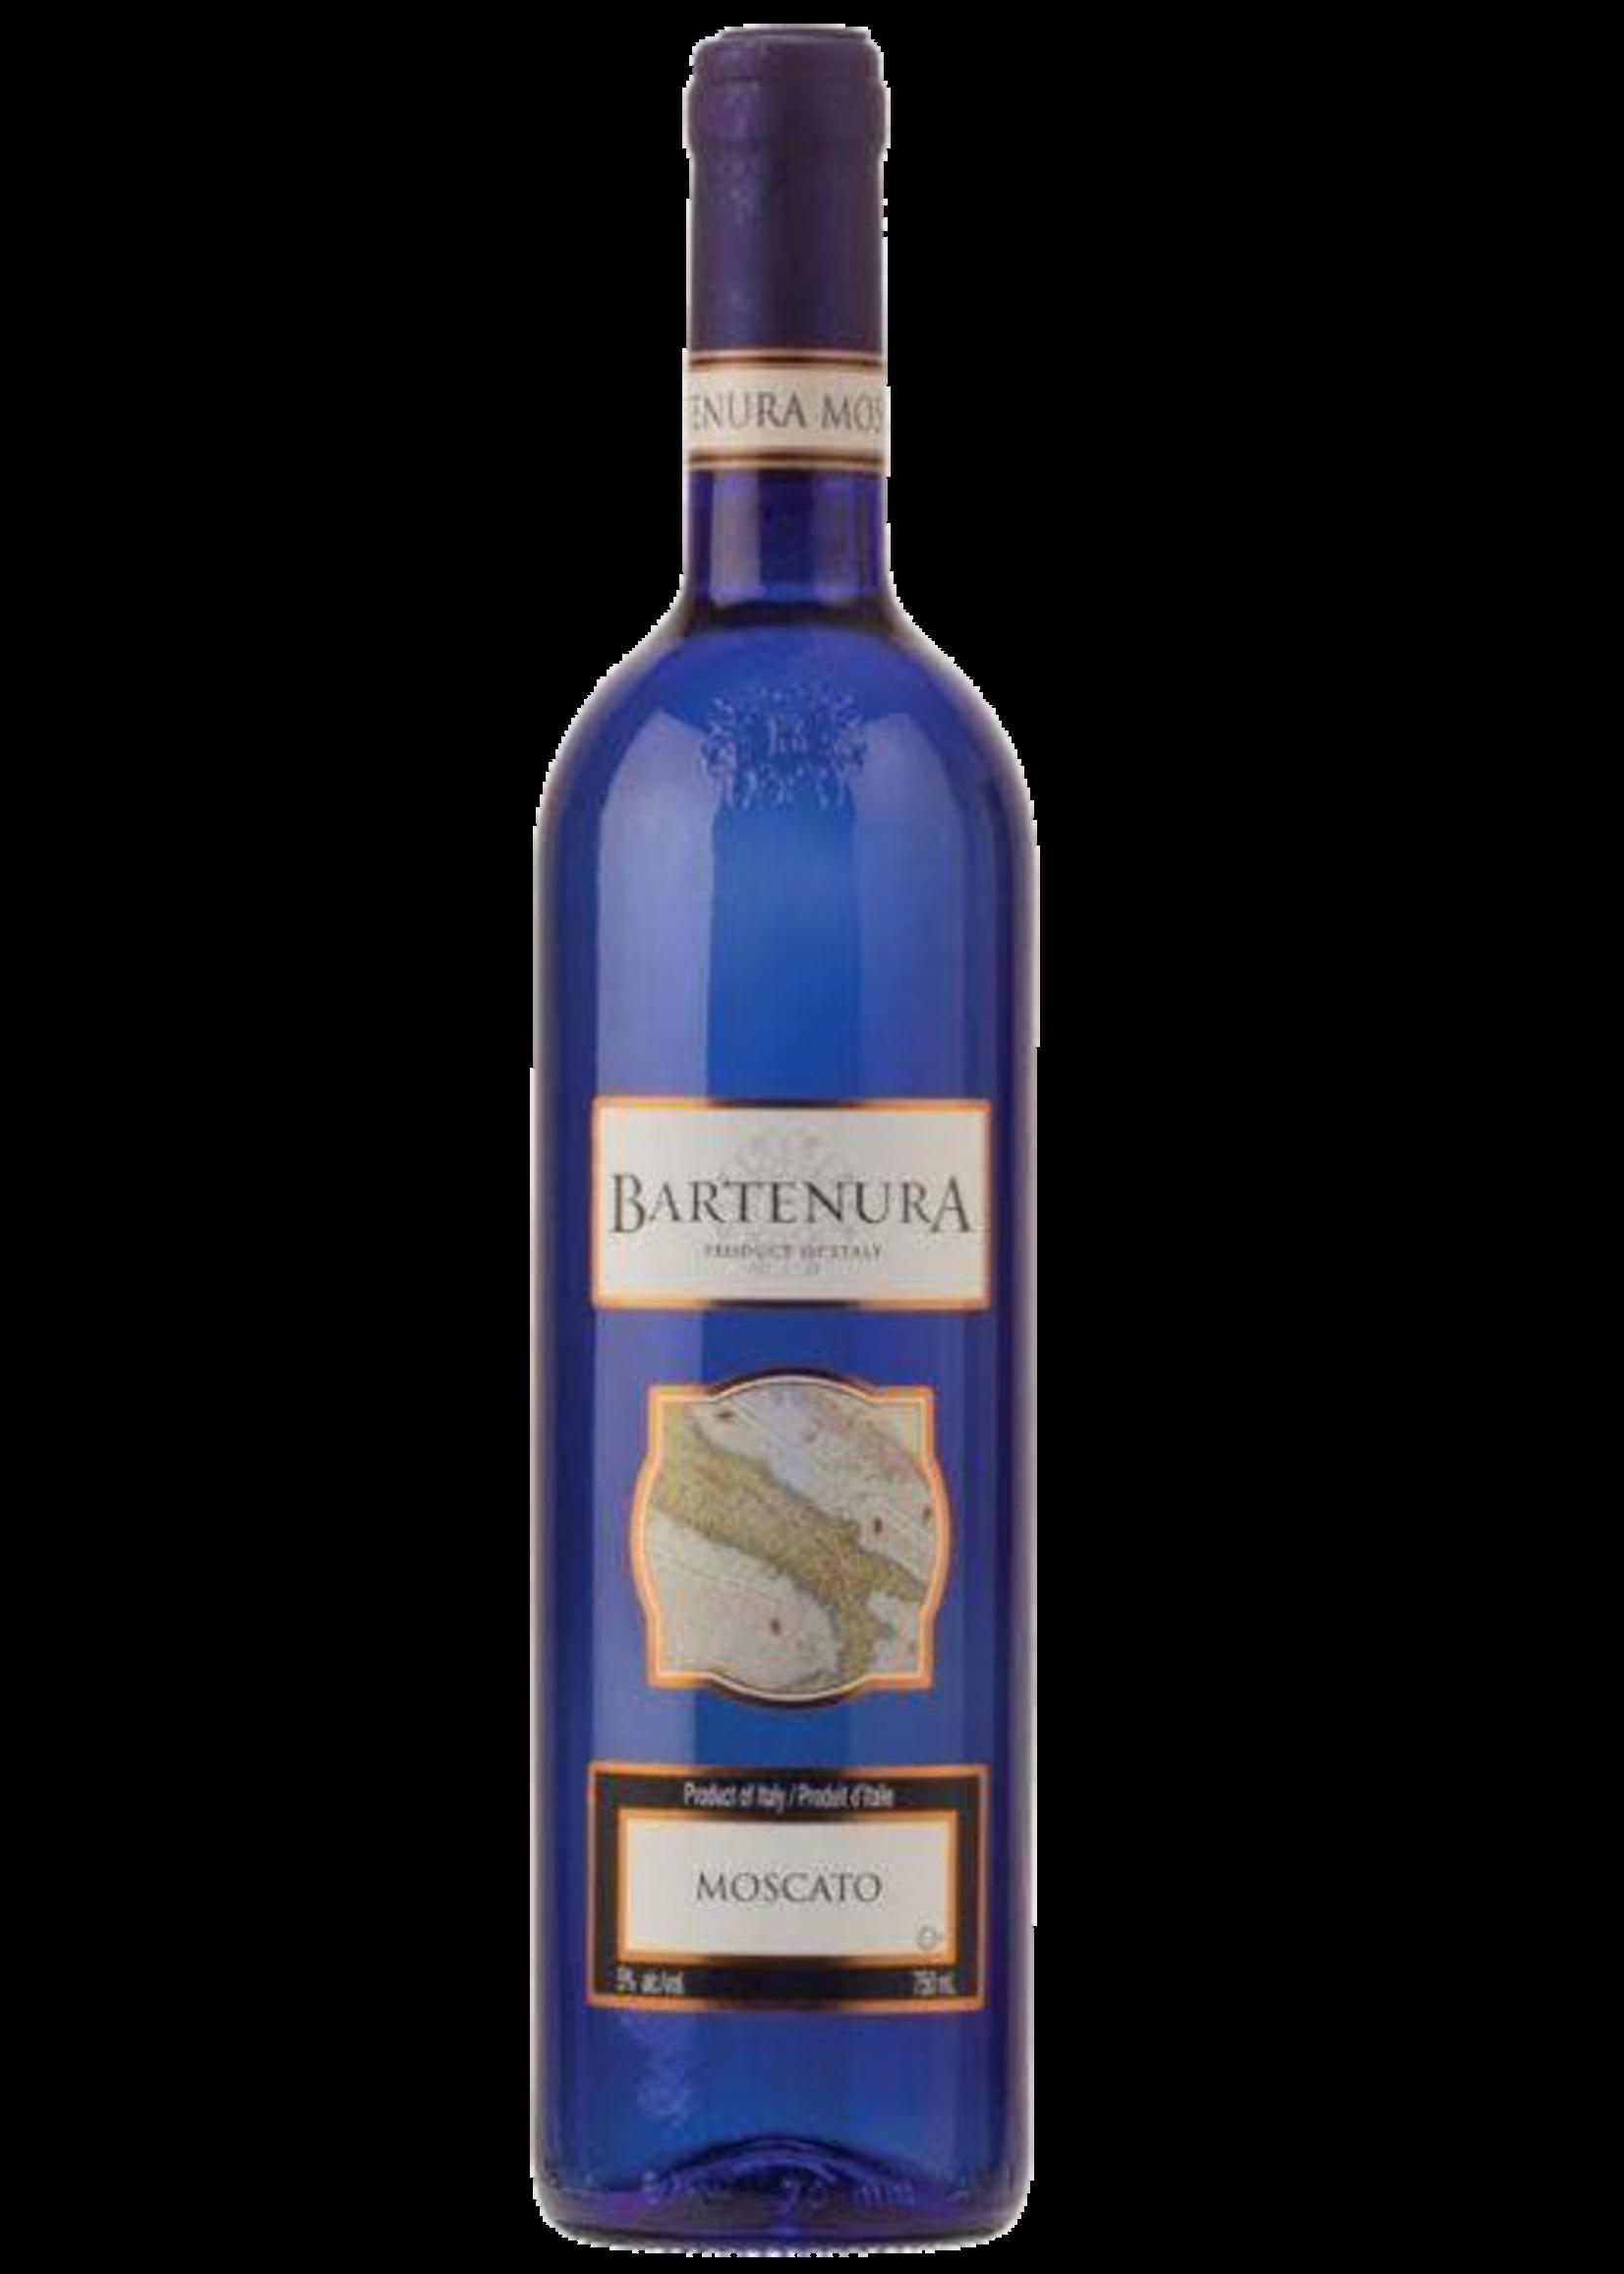 Bartenura Bartenura / Moscato